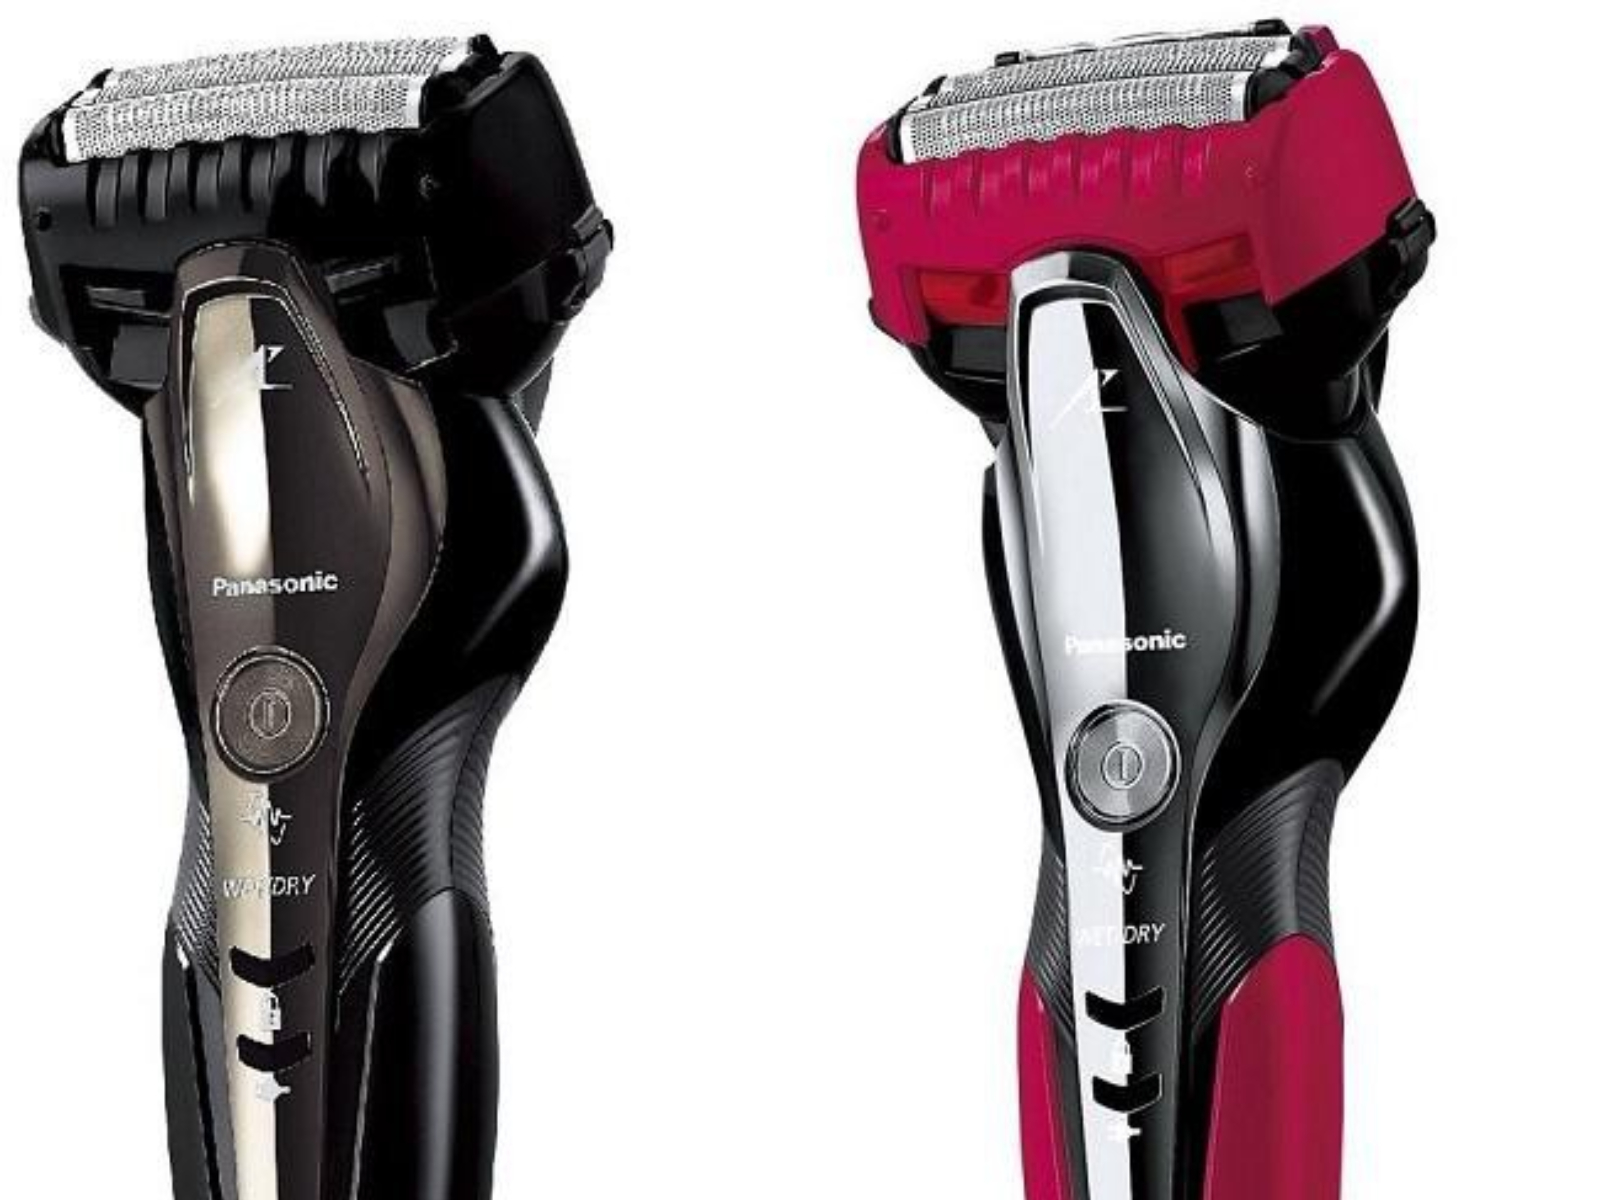 電動刮鬍刀推薦|米家、panasonic、德國百靈三大品牌電動刮鬍刀,讓你輕鬆刮出乾淨帥臉!